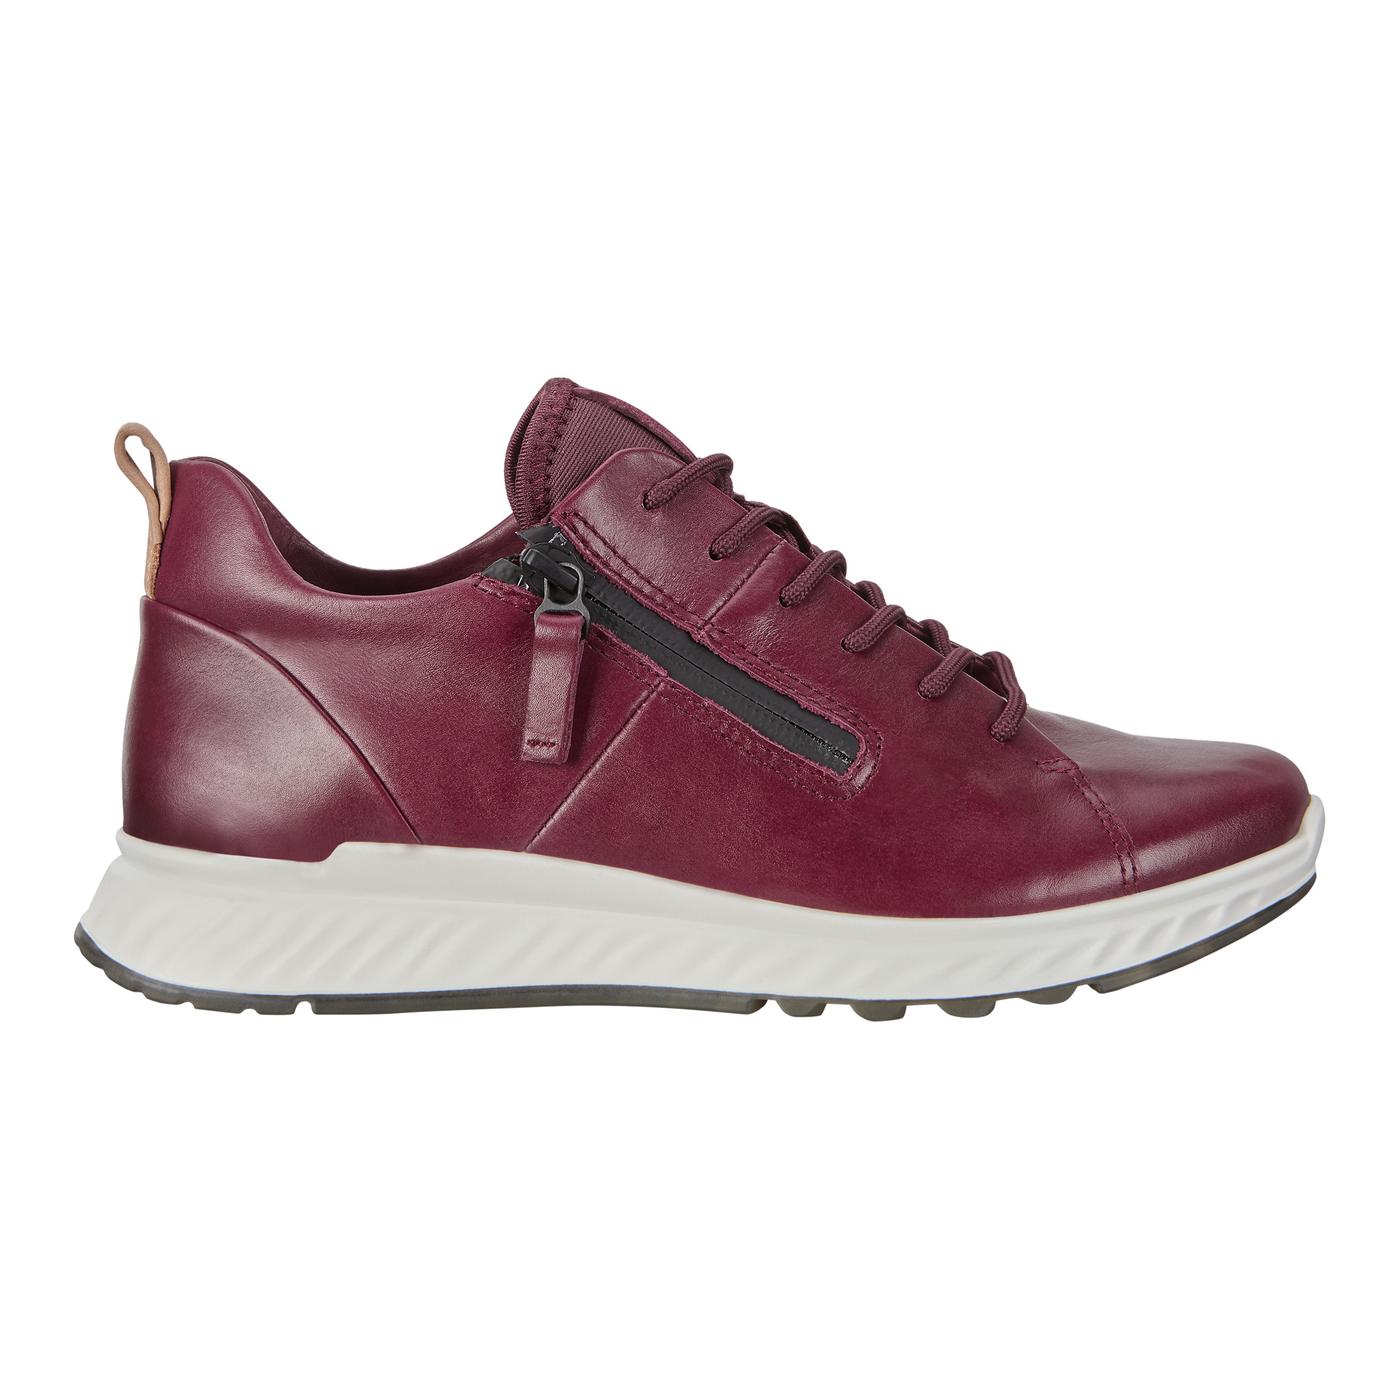 ECCO ST.1 Womens Sneaker